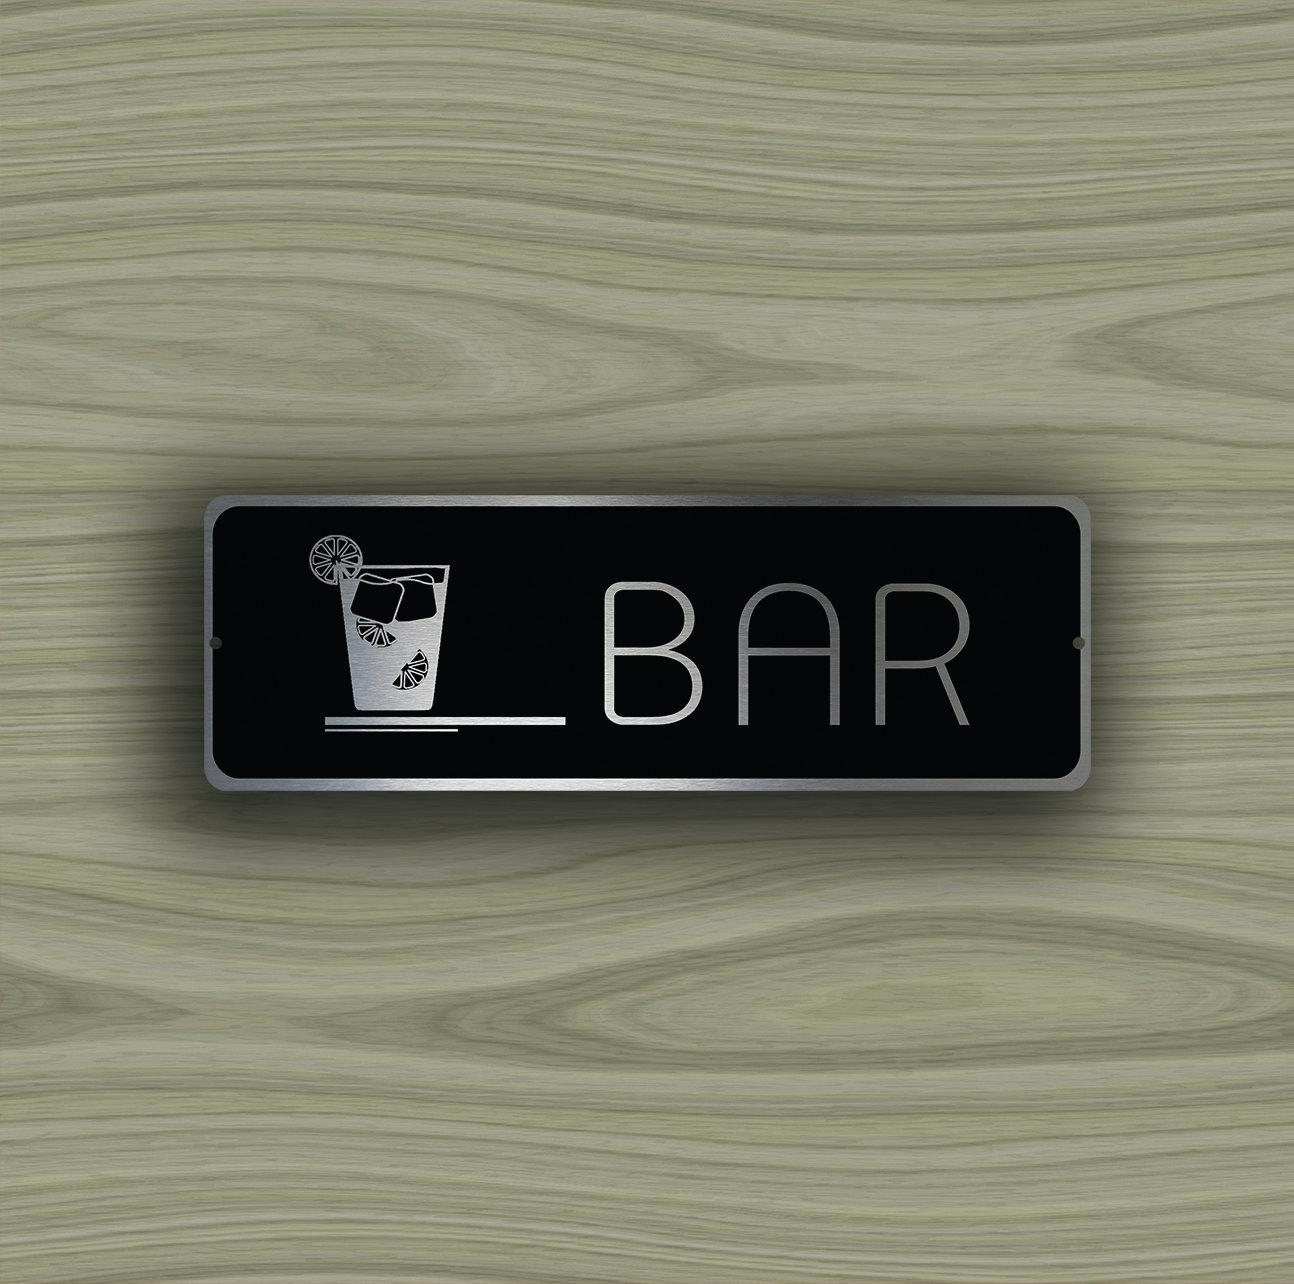 HOTEL-BAR-SIGN-1